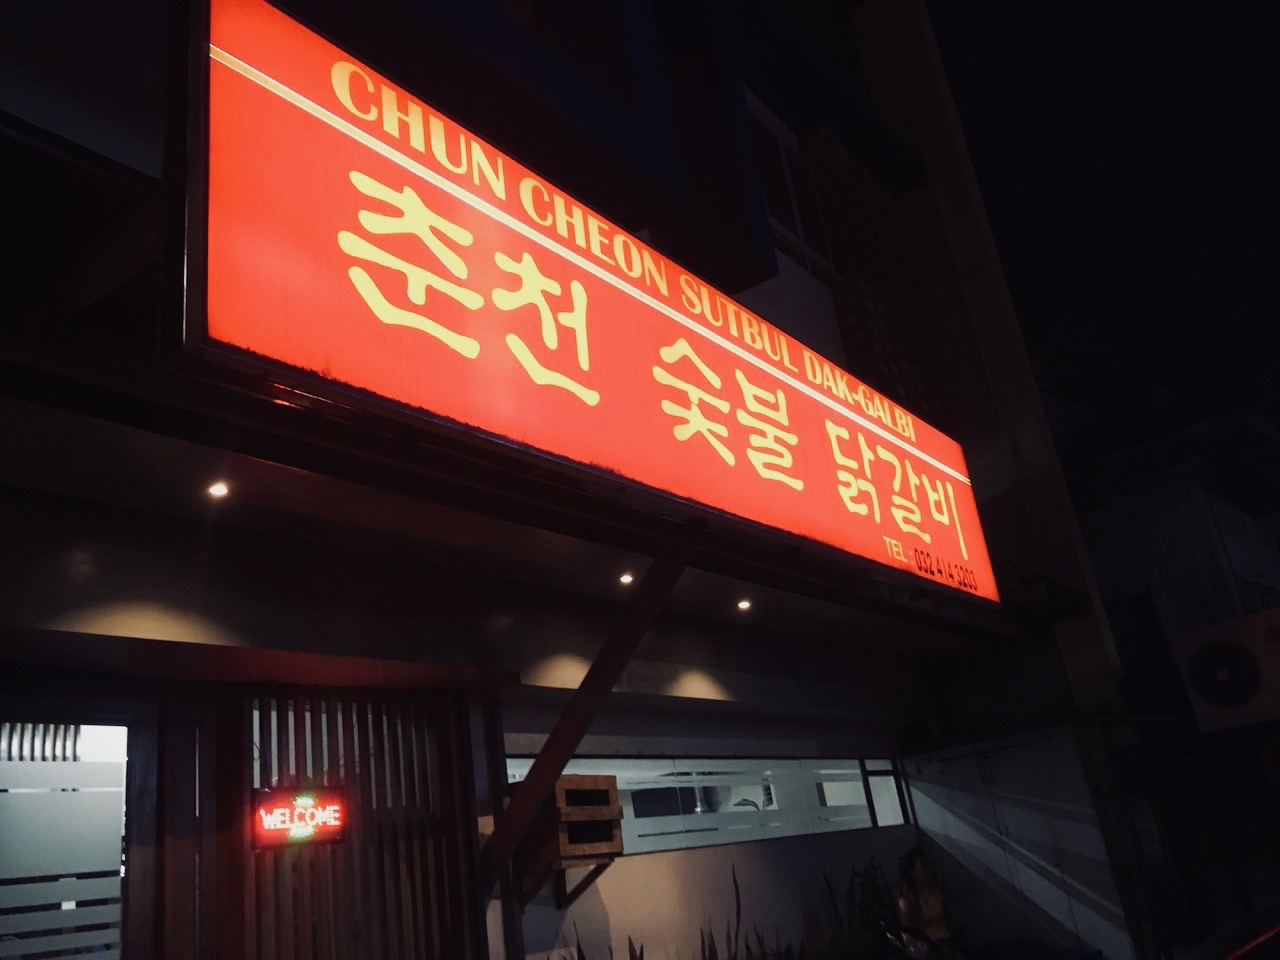 Chun Cheon Sutbul Dakgalbi